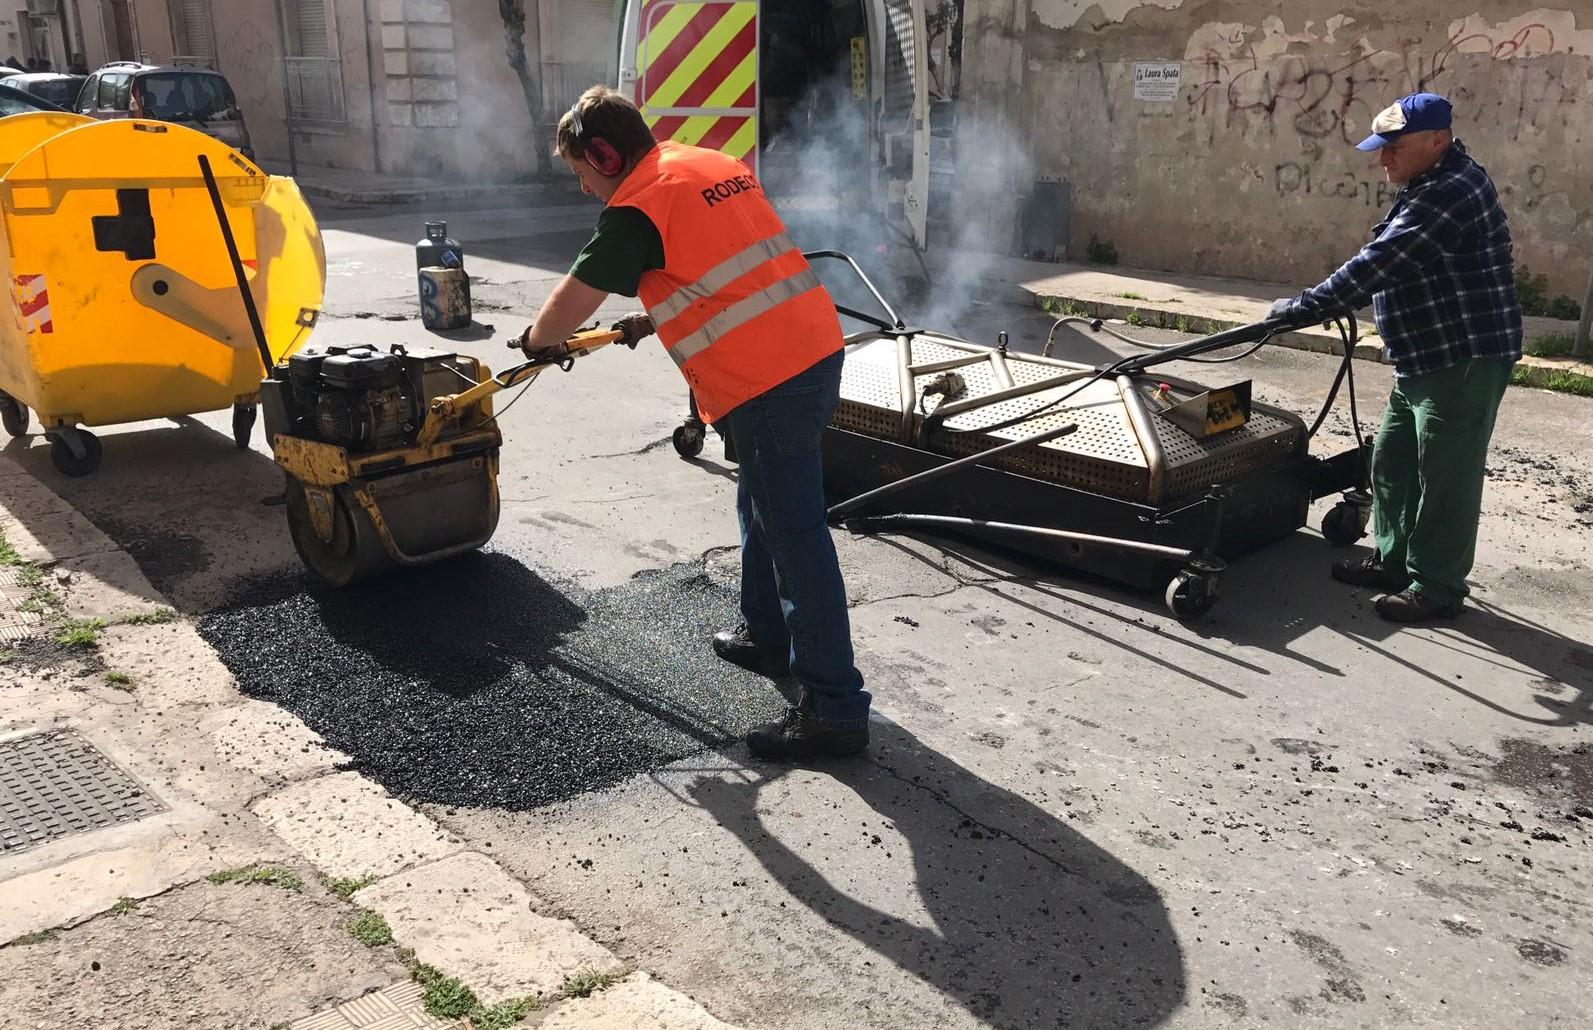 Vittoria, proseguono i lavori di manutenzione alle strade cittadine